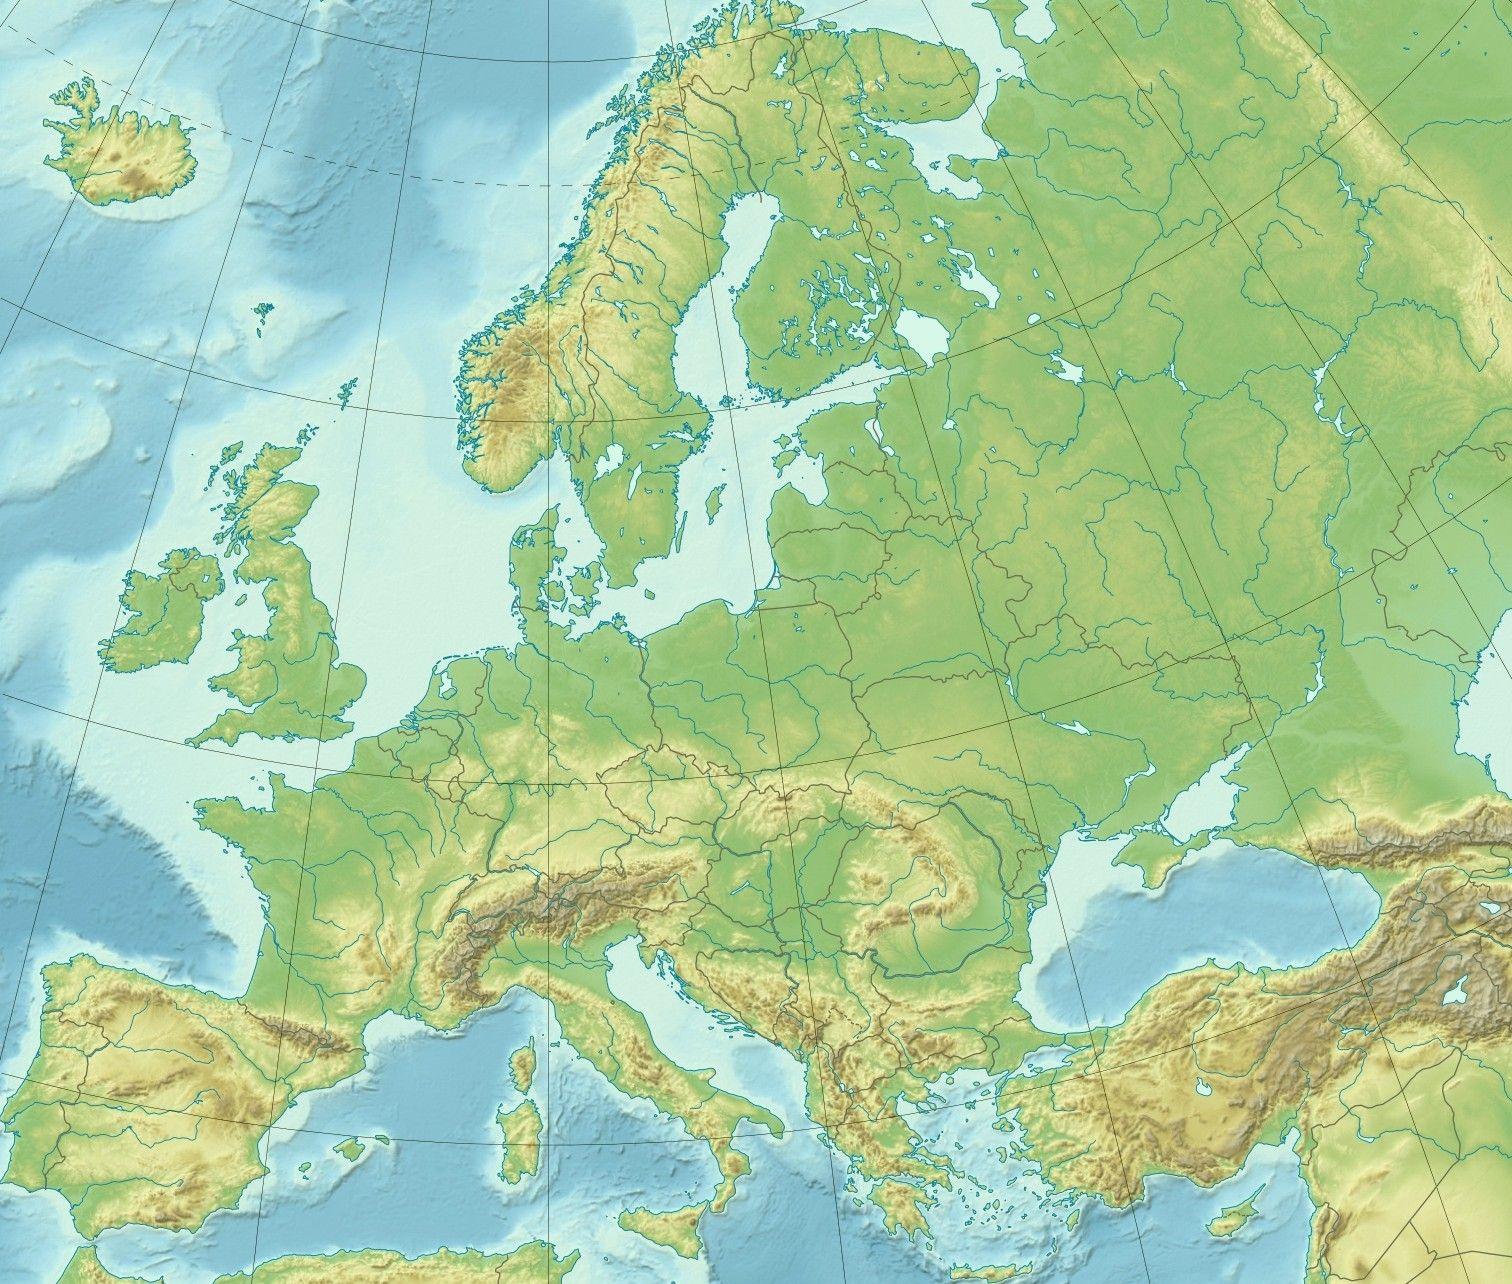 Cartes De L'europe Et Rmations Sur Le Continent Européen concernant Carte De L Europe Détaillée